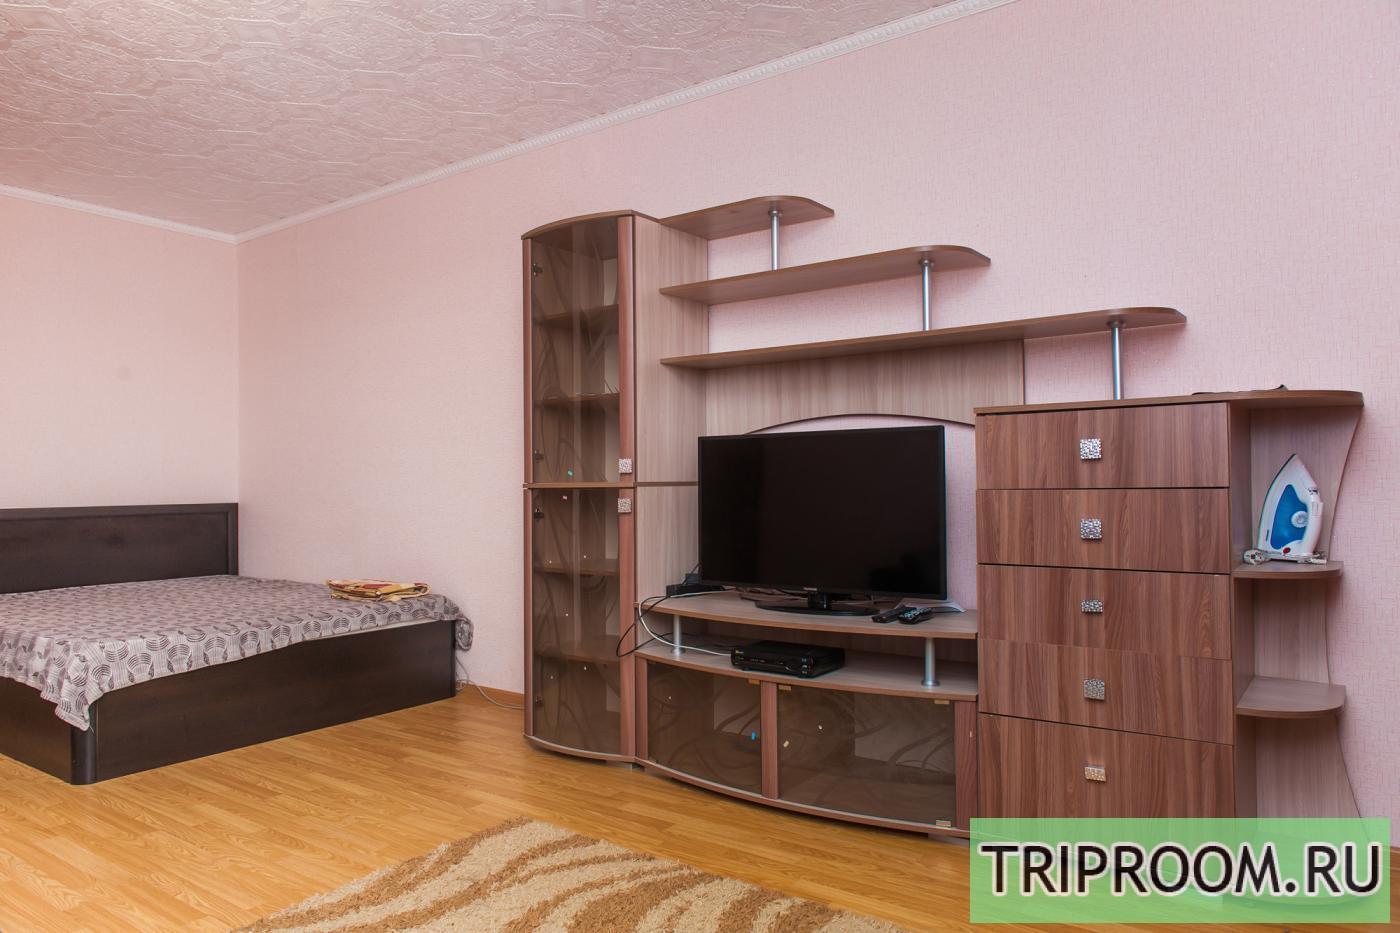 1-комнатная квартира посуточно (вариант № 12761), ул. Краснинское шоссе, фото № 1